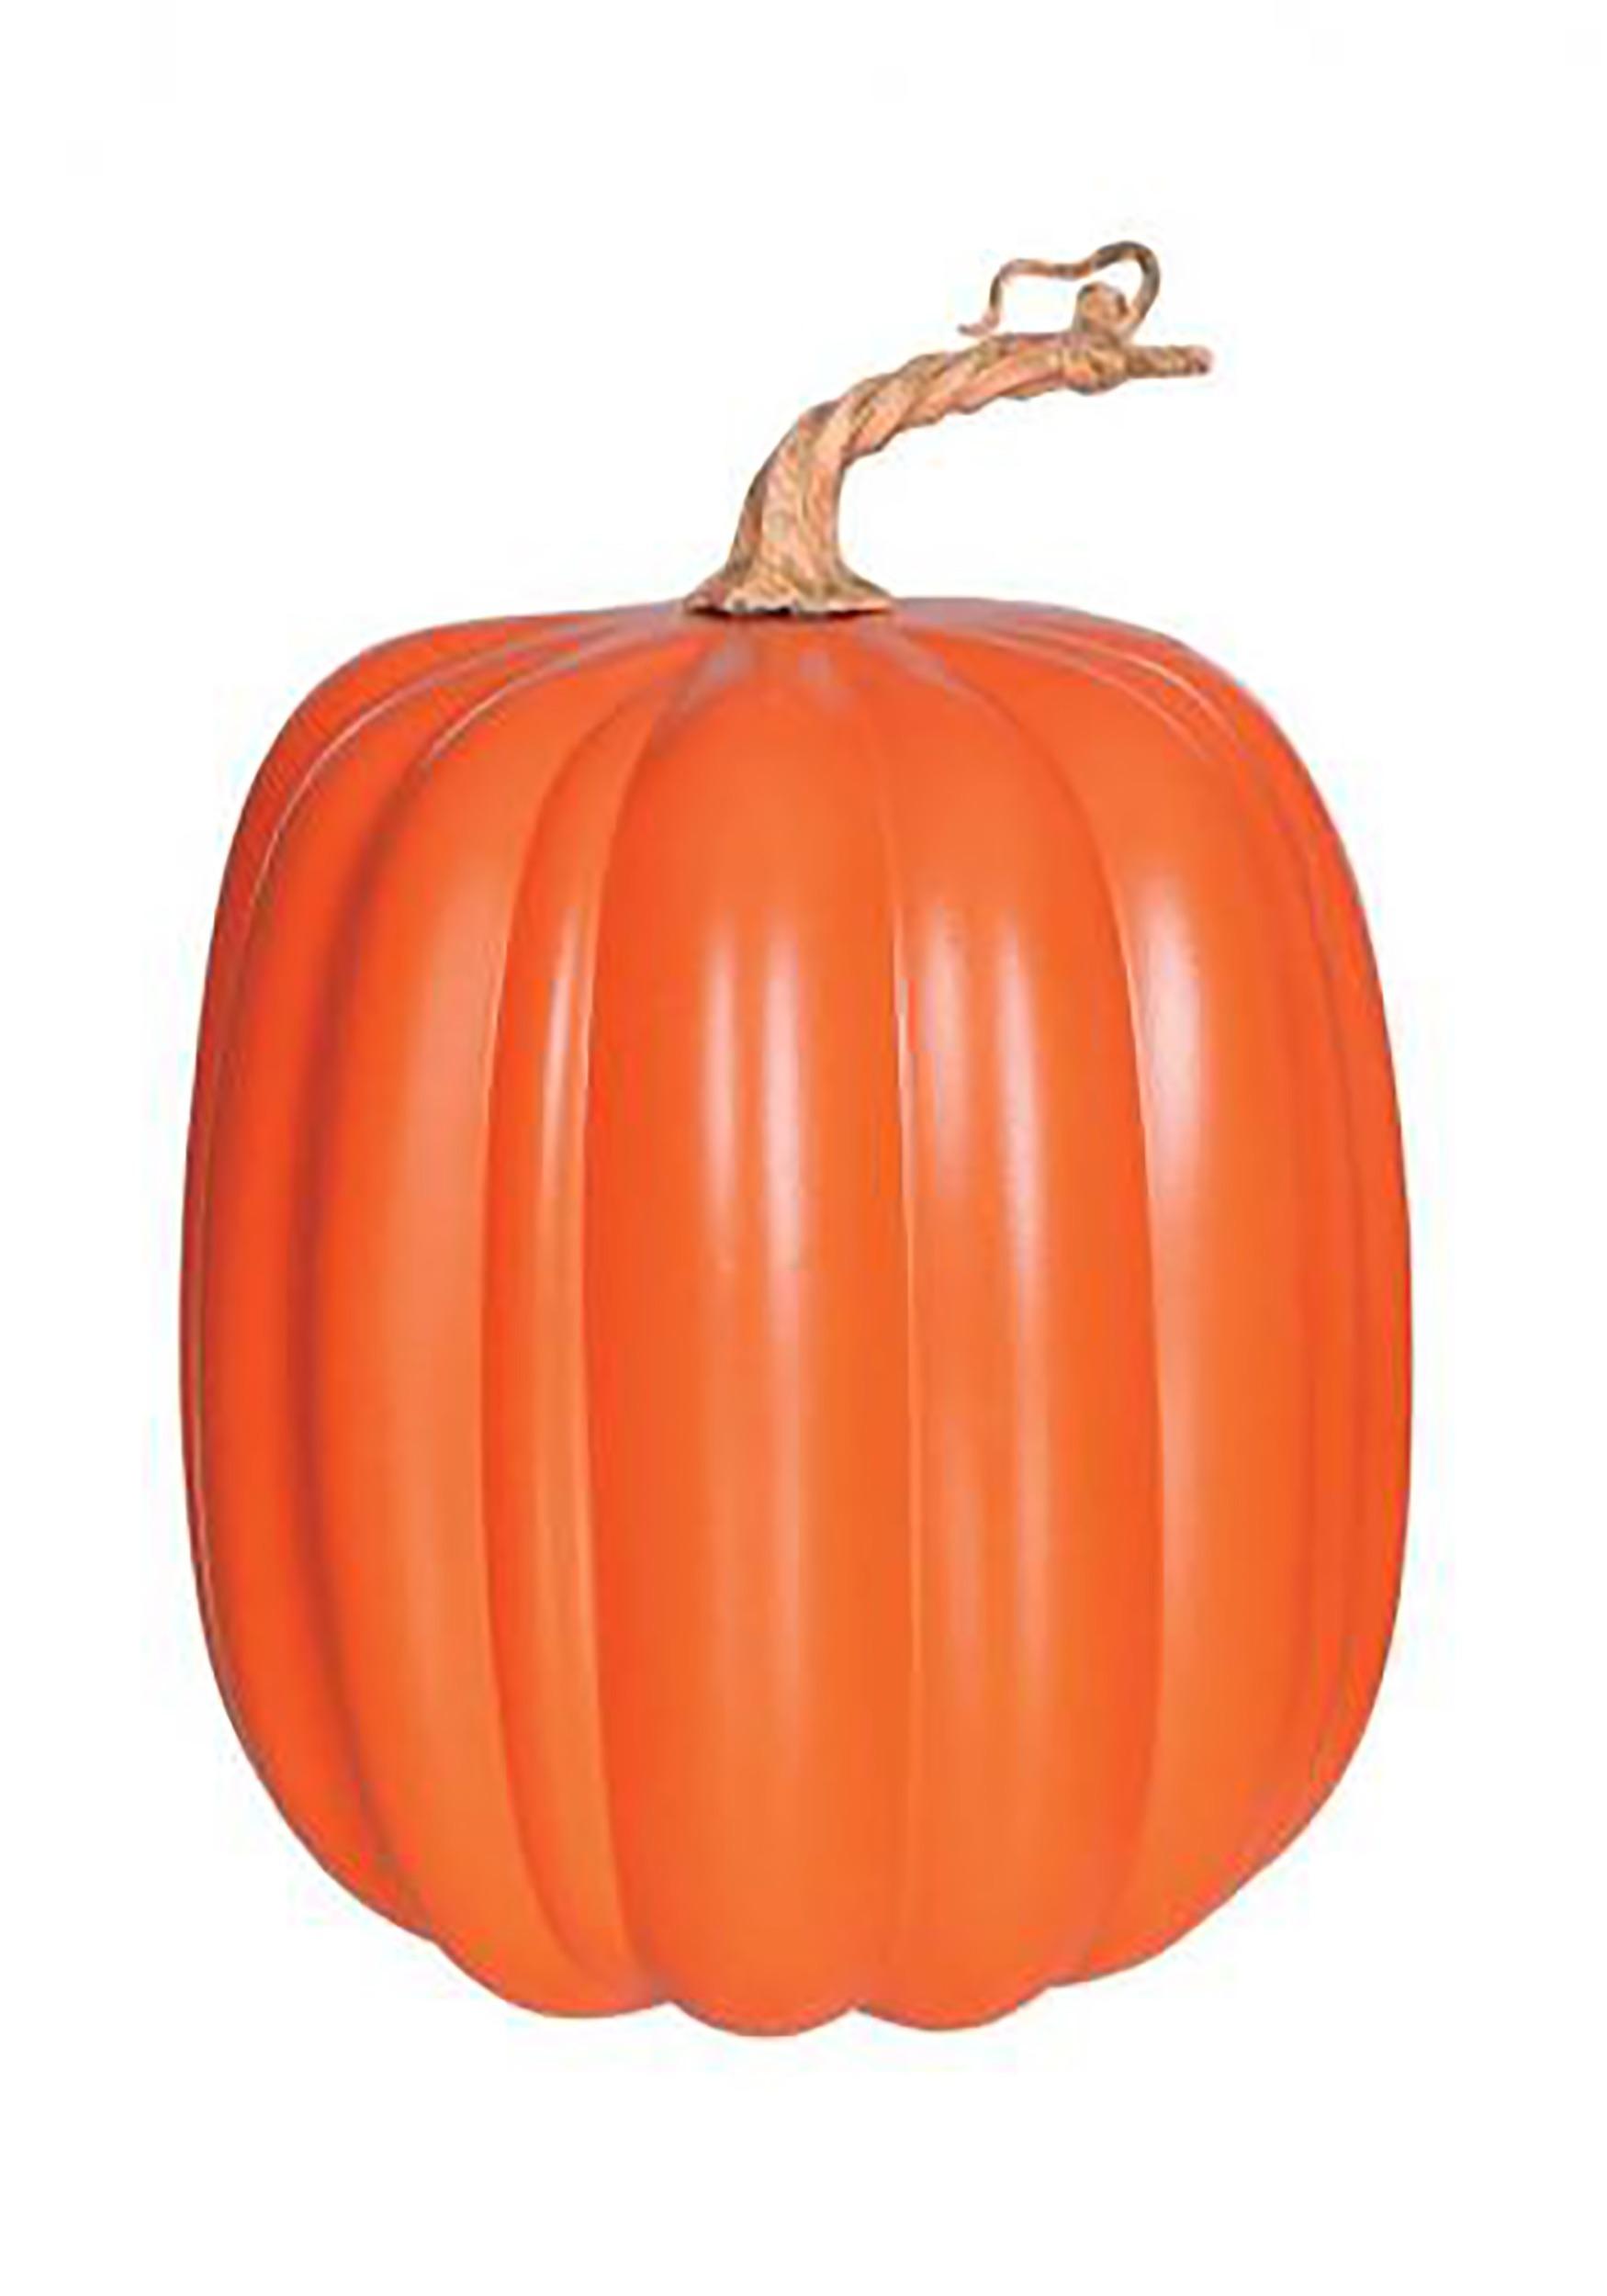 10 Tall Orange Pumpkin Decoration